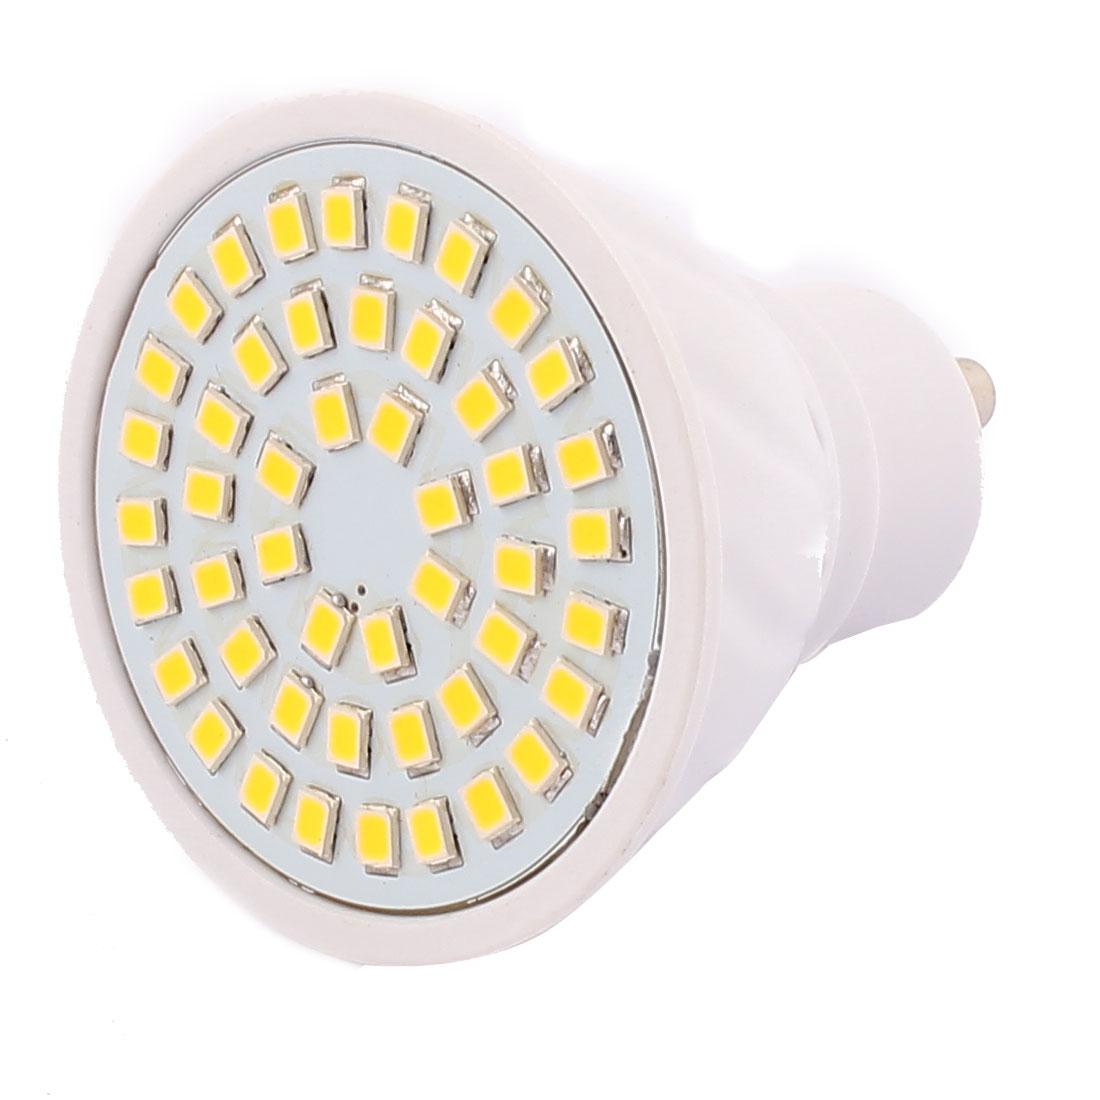 GU10 SMD 2835 48 LEDs Plastic Energy-Saving LED Lamp Bulb Warm White AC 220V 4W